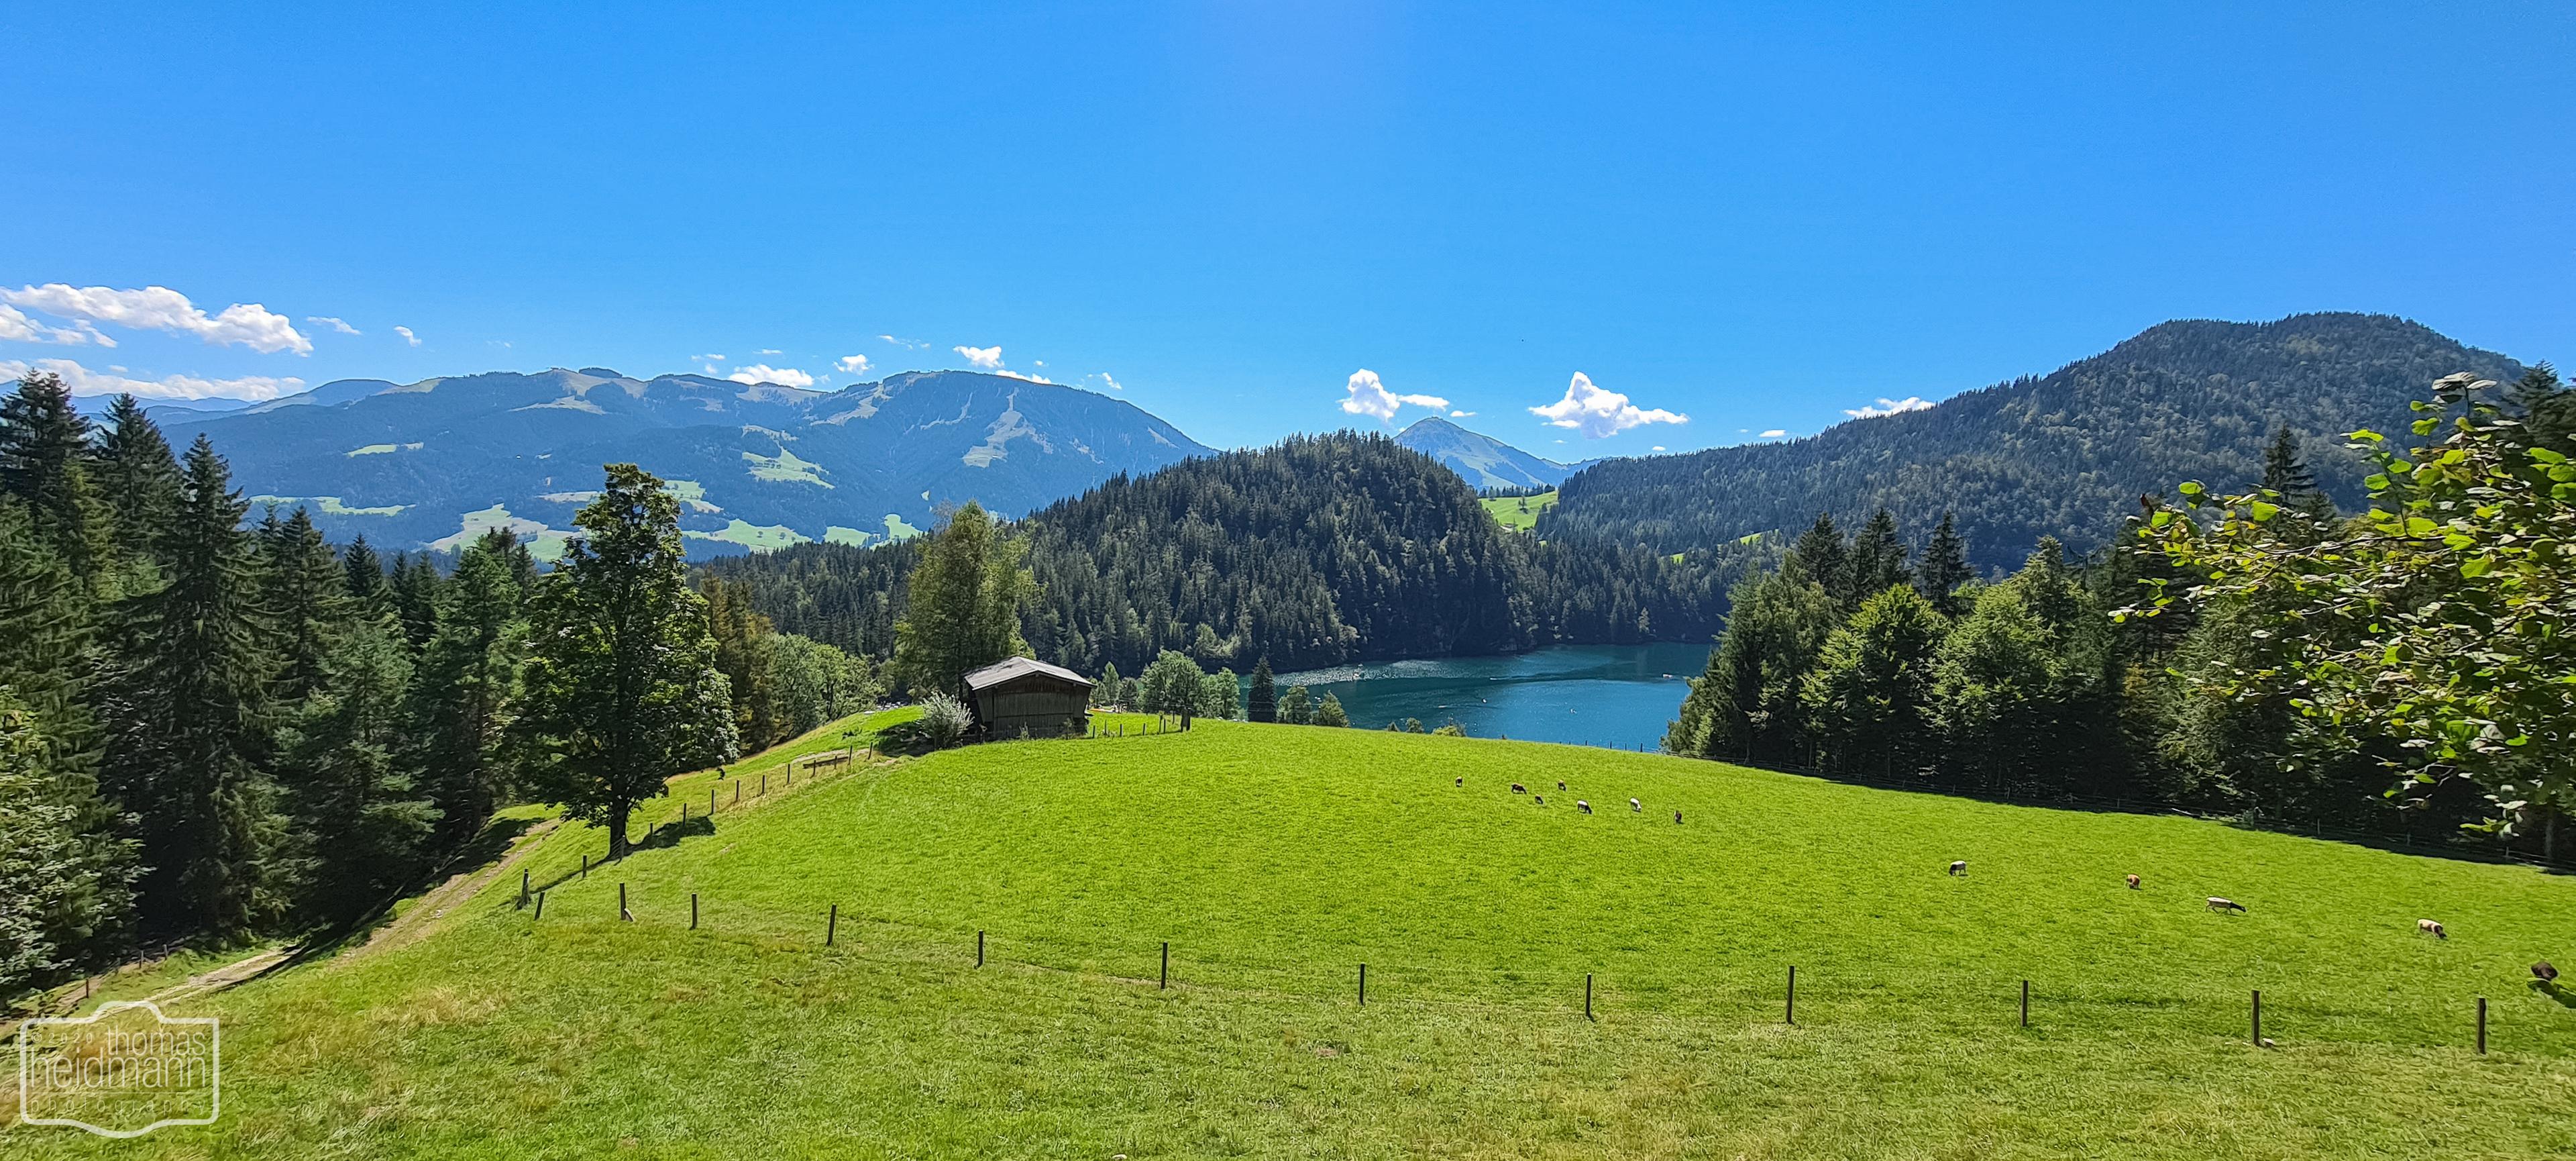 Blick auf den Hintersteiner See von oben